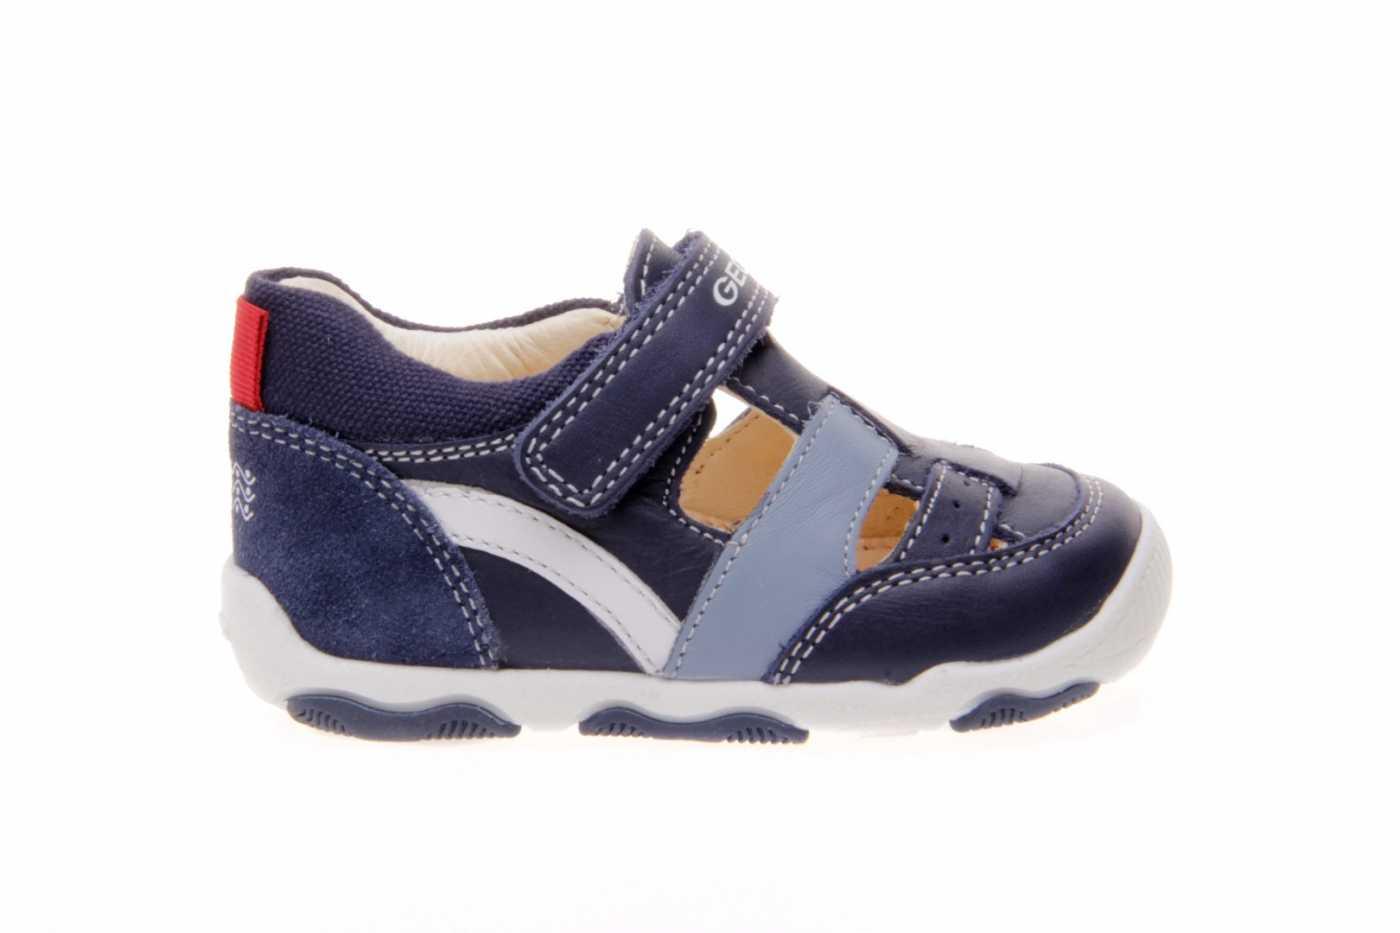 Niño Comprar Inglesa Estilo Color Sandalia Zapato Preandante Tipo xSRwStp